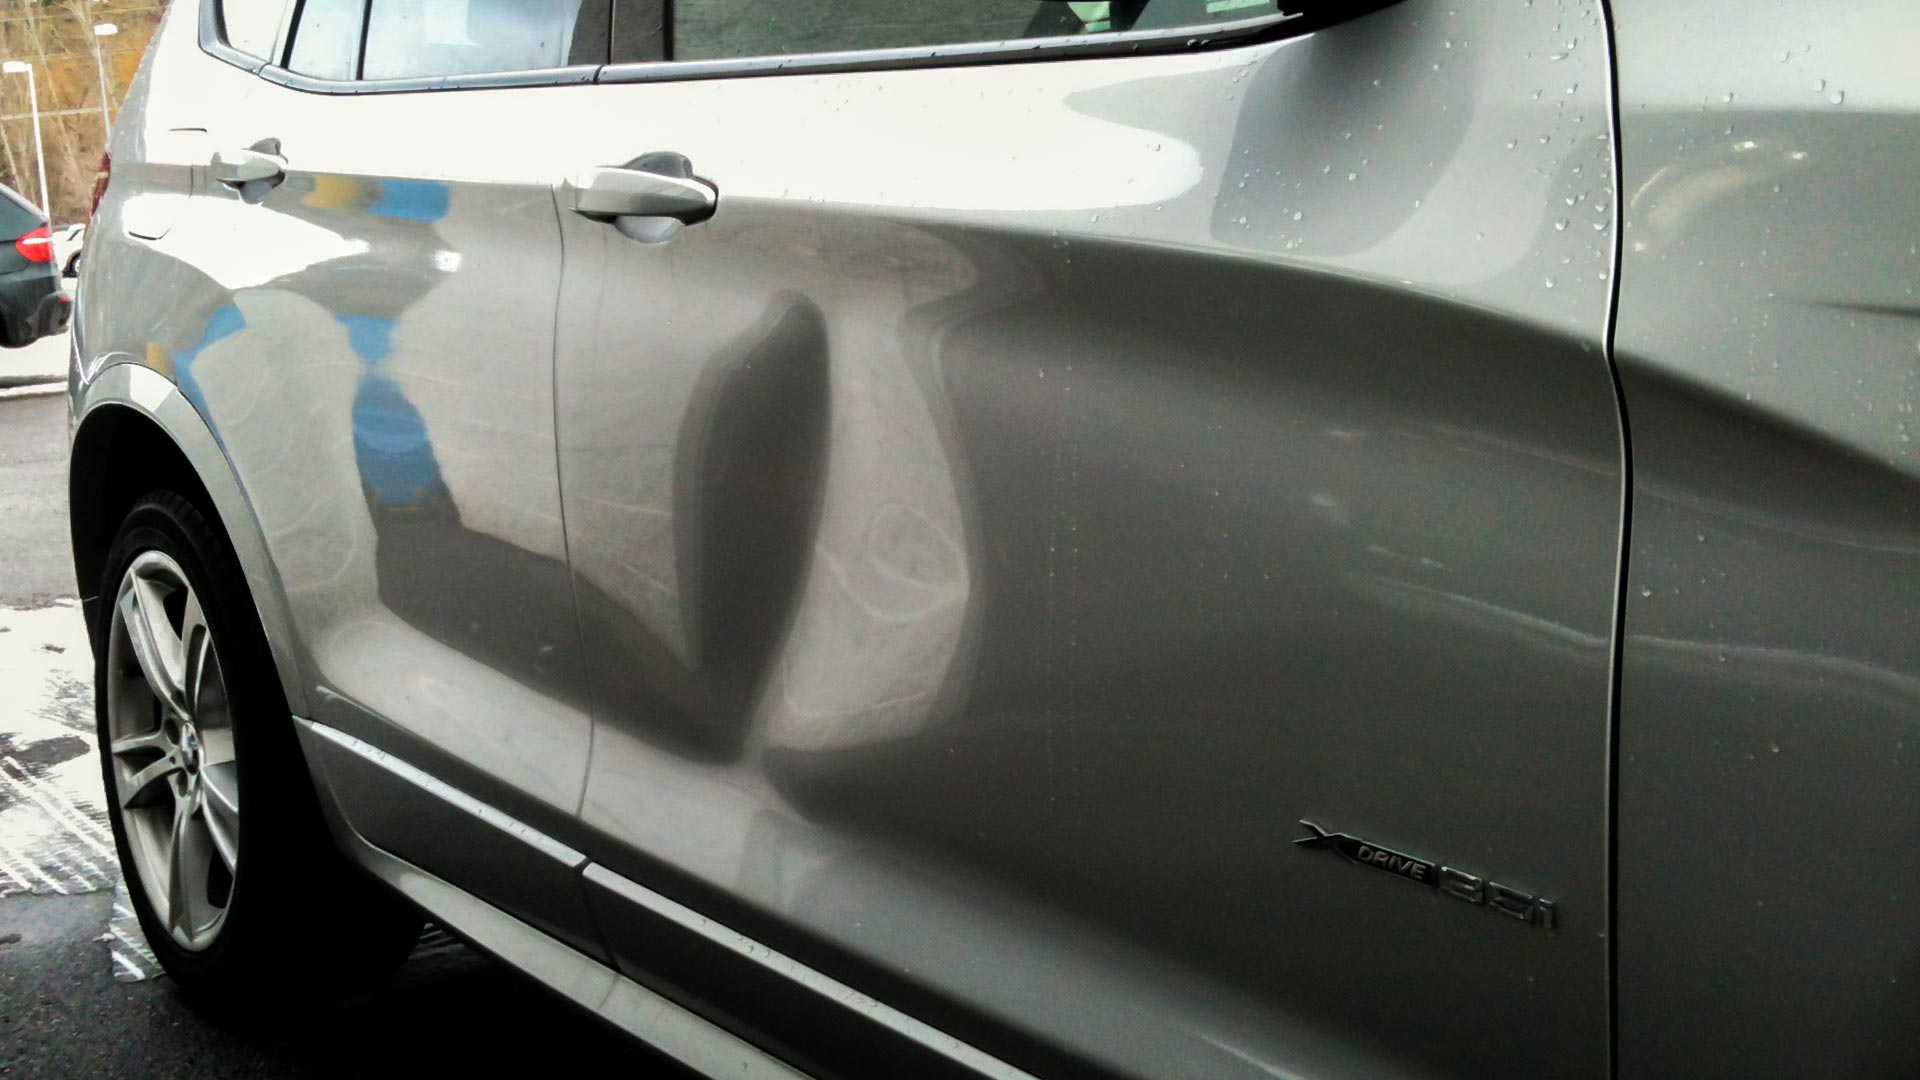 & 2013 BMW X3 dent in door panel - Dentique Paintless Dent Repair